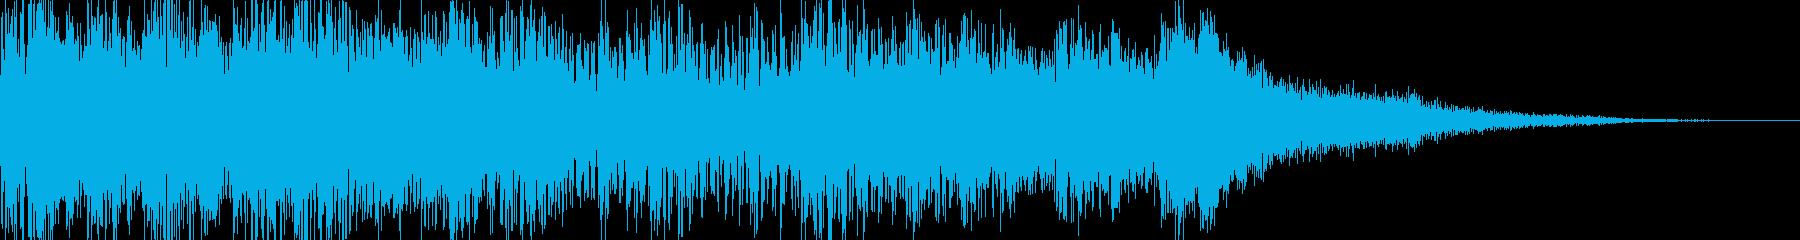 ダークな感じの琴、ドラムの和風ジングルの再生済みの波形